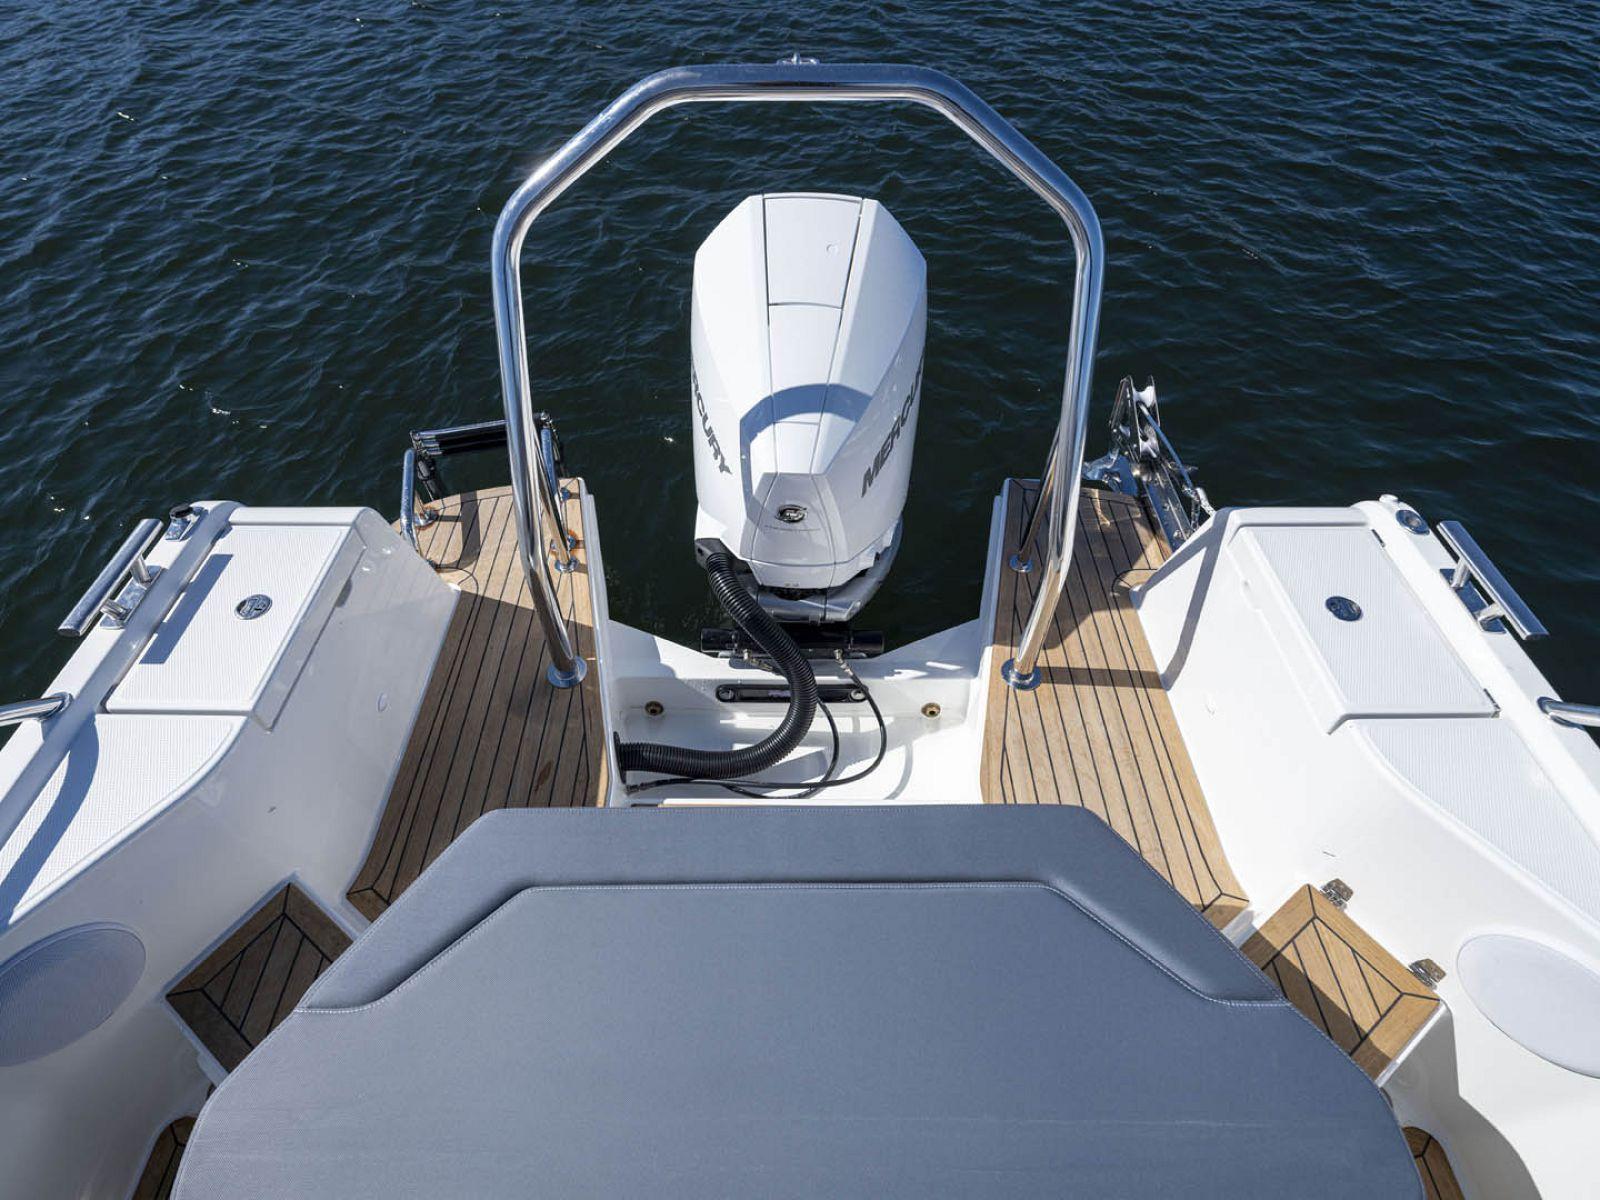 mercury verado outboard engine